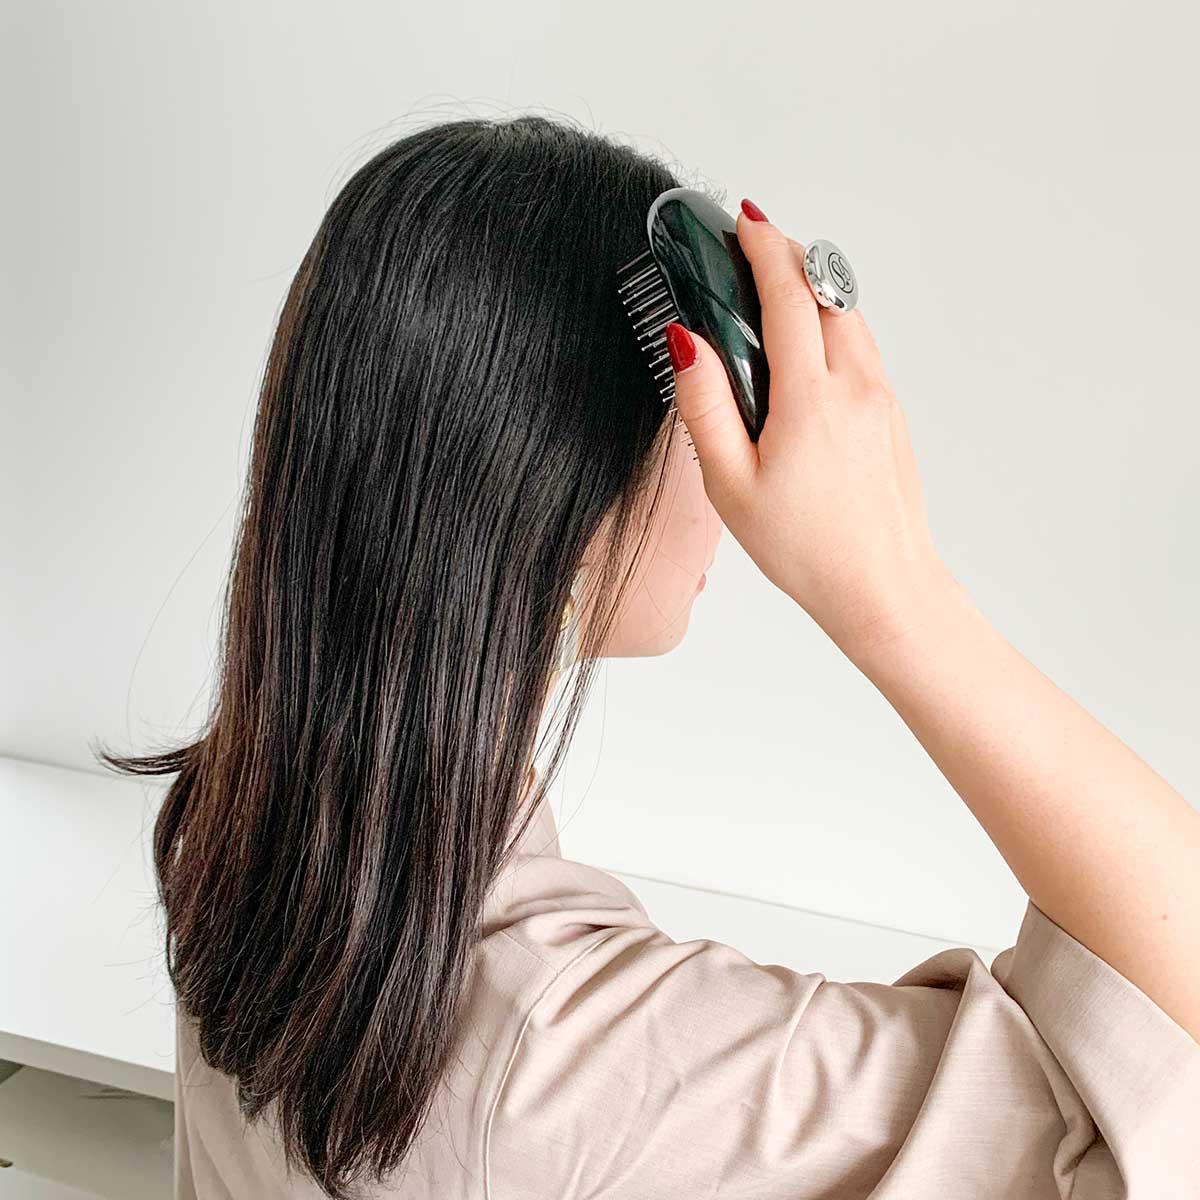 ストレスは頭のコリから解消する、手のひらサイズのヘッドスパ(スカルプブラシ)|自宅やオフィスでストレス解消するならこのグッズ|インドア派におすすめのストレス解消グッズ5選